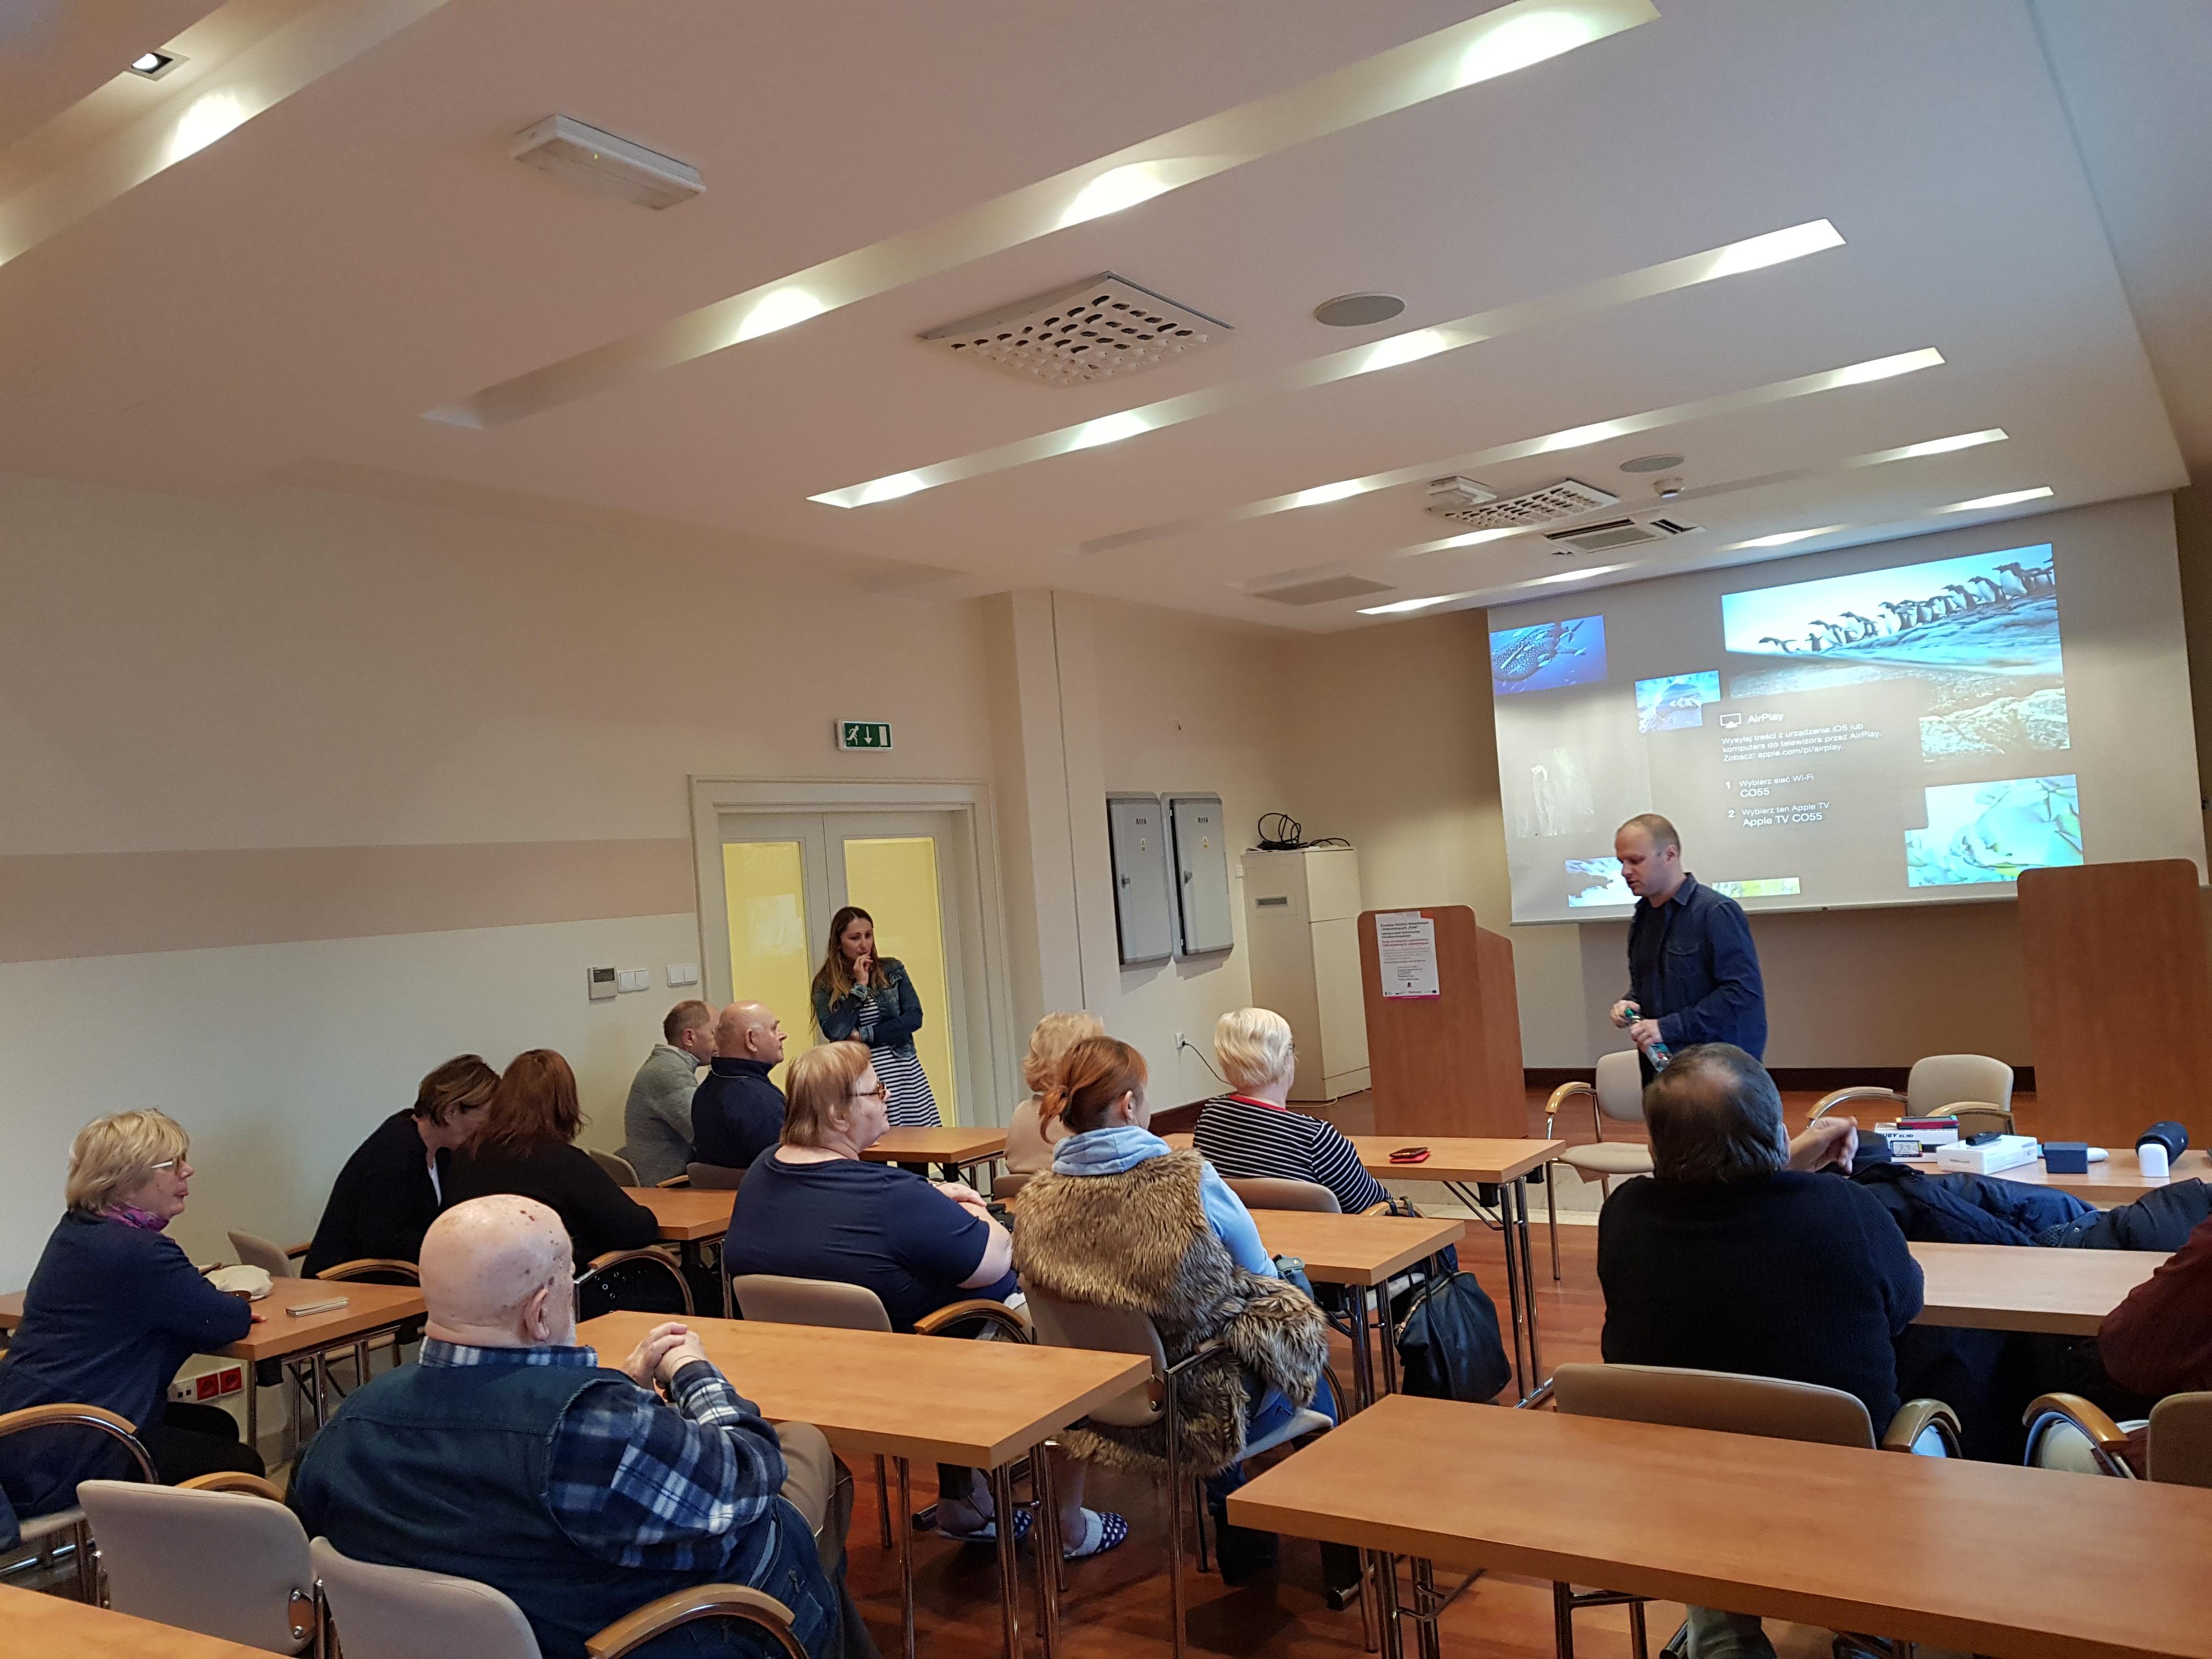 Kolejna godzina szkolenia, uczestnicy zgromadzeni w sali konferencyjnej podczas prezentacji, po lewej przy drzwiach widoczna stojąca trenerka, a na tle ekranu ściennego stoi instruktor